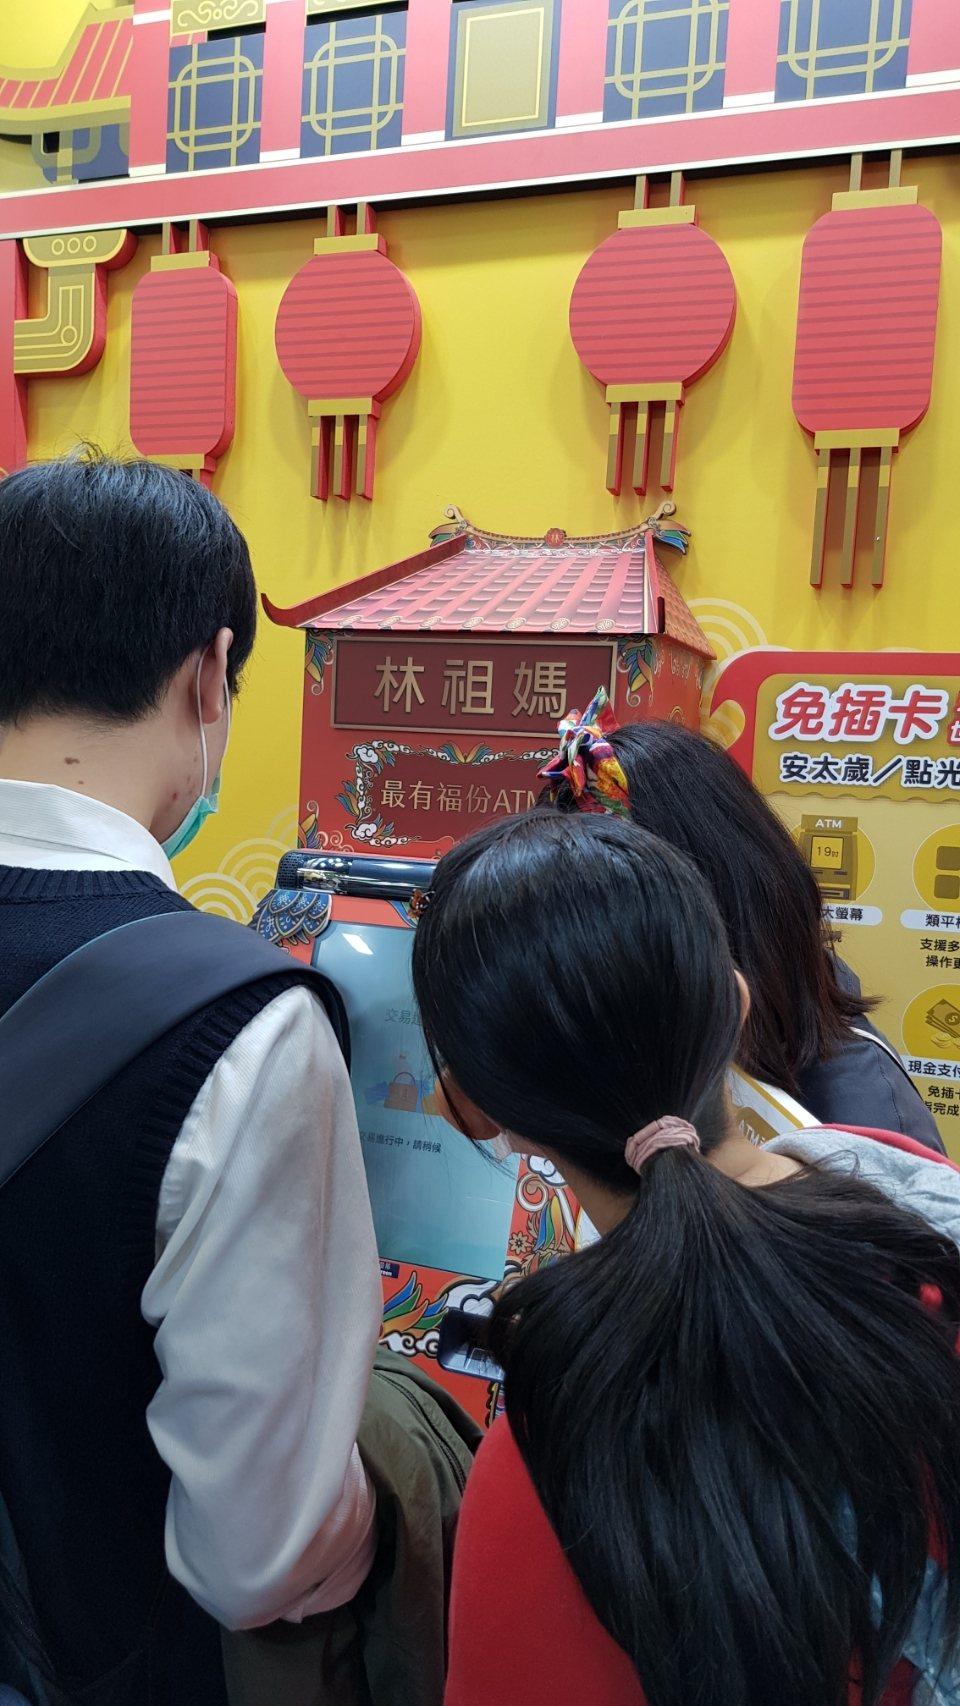 民眾體驗「林祖媽」ATM,可透過ATM點光明燈、太歲燈及發財燈。記者戴瑞瑤/攝影...